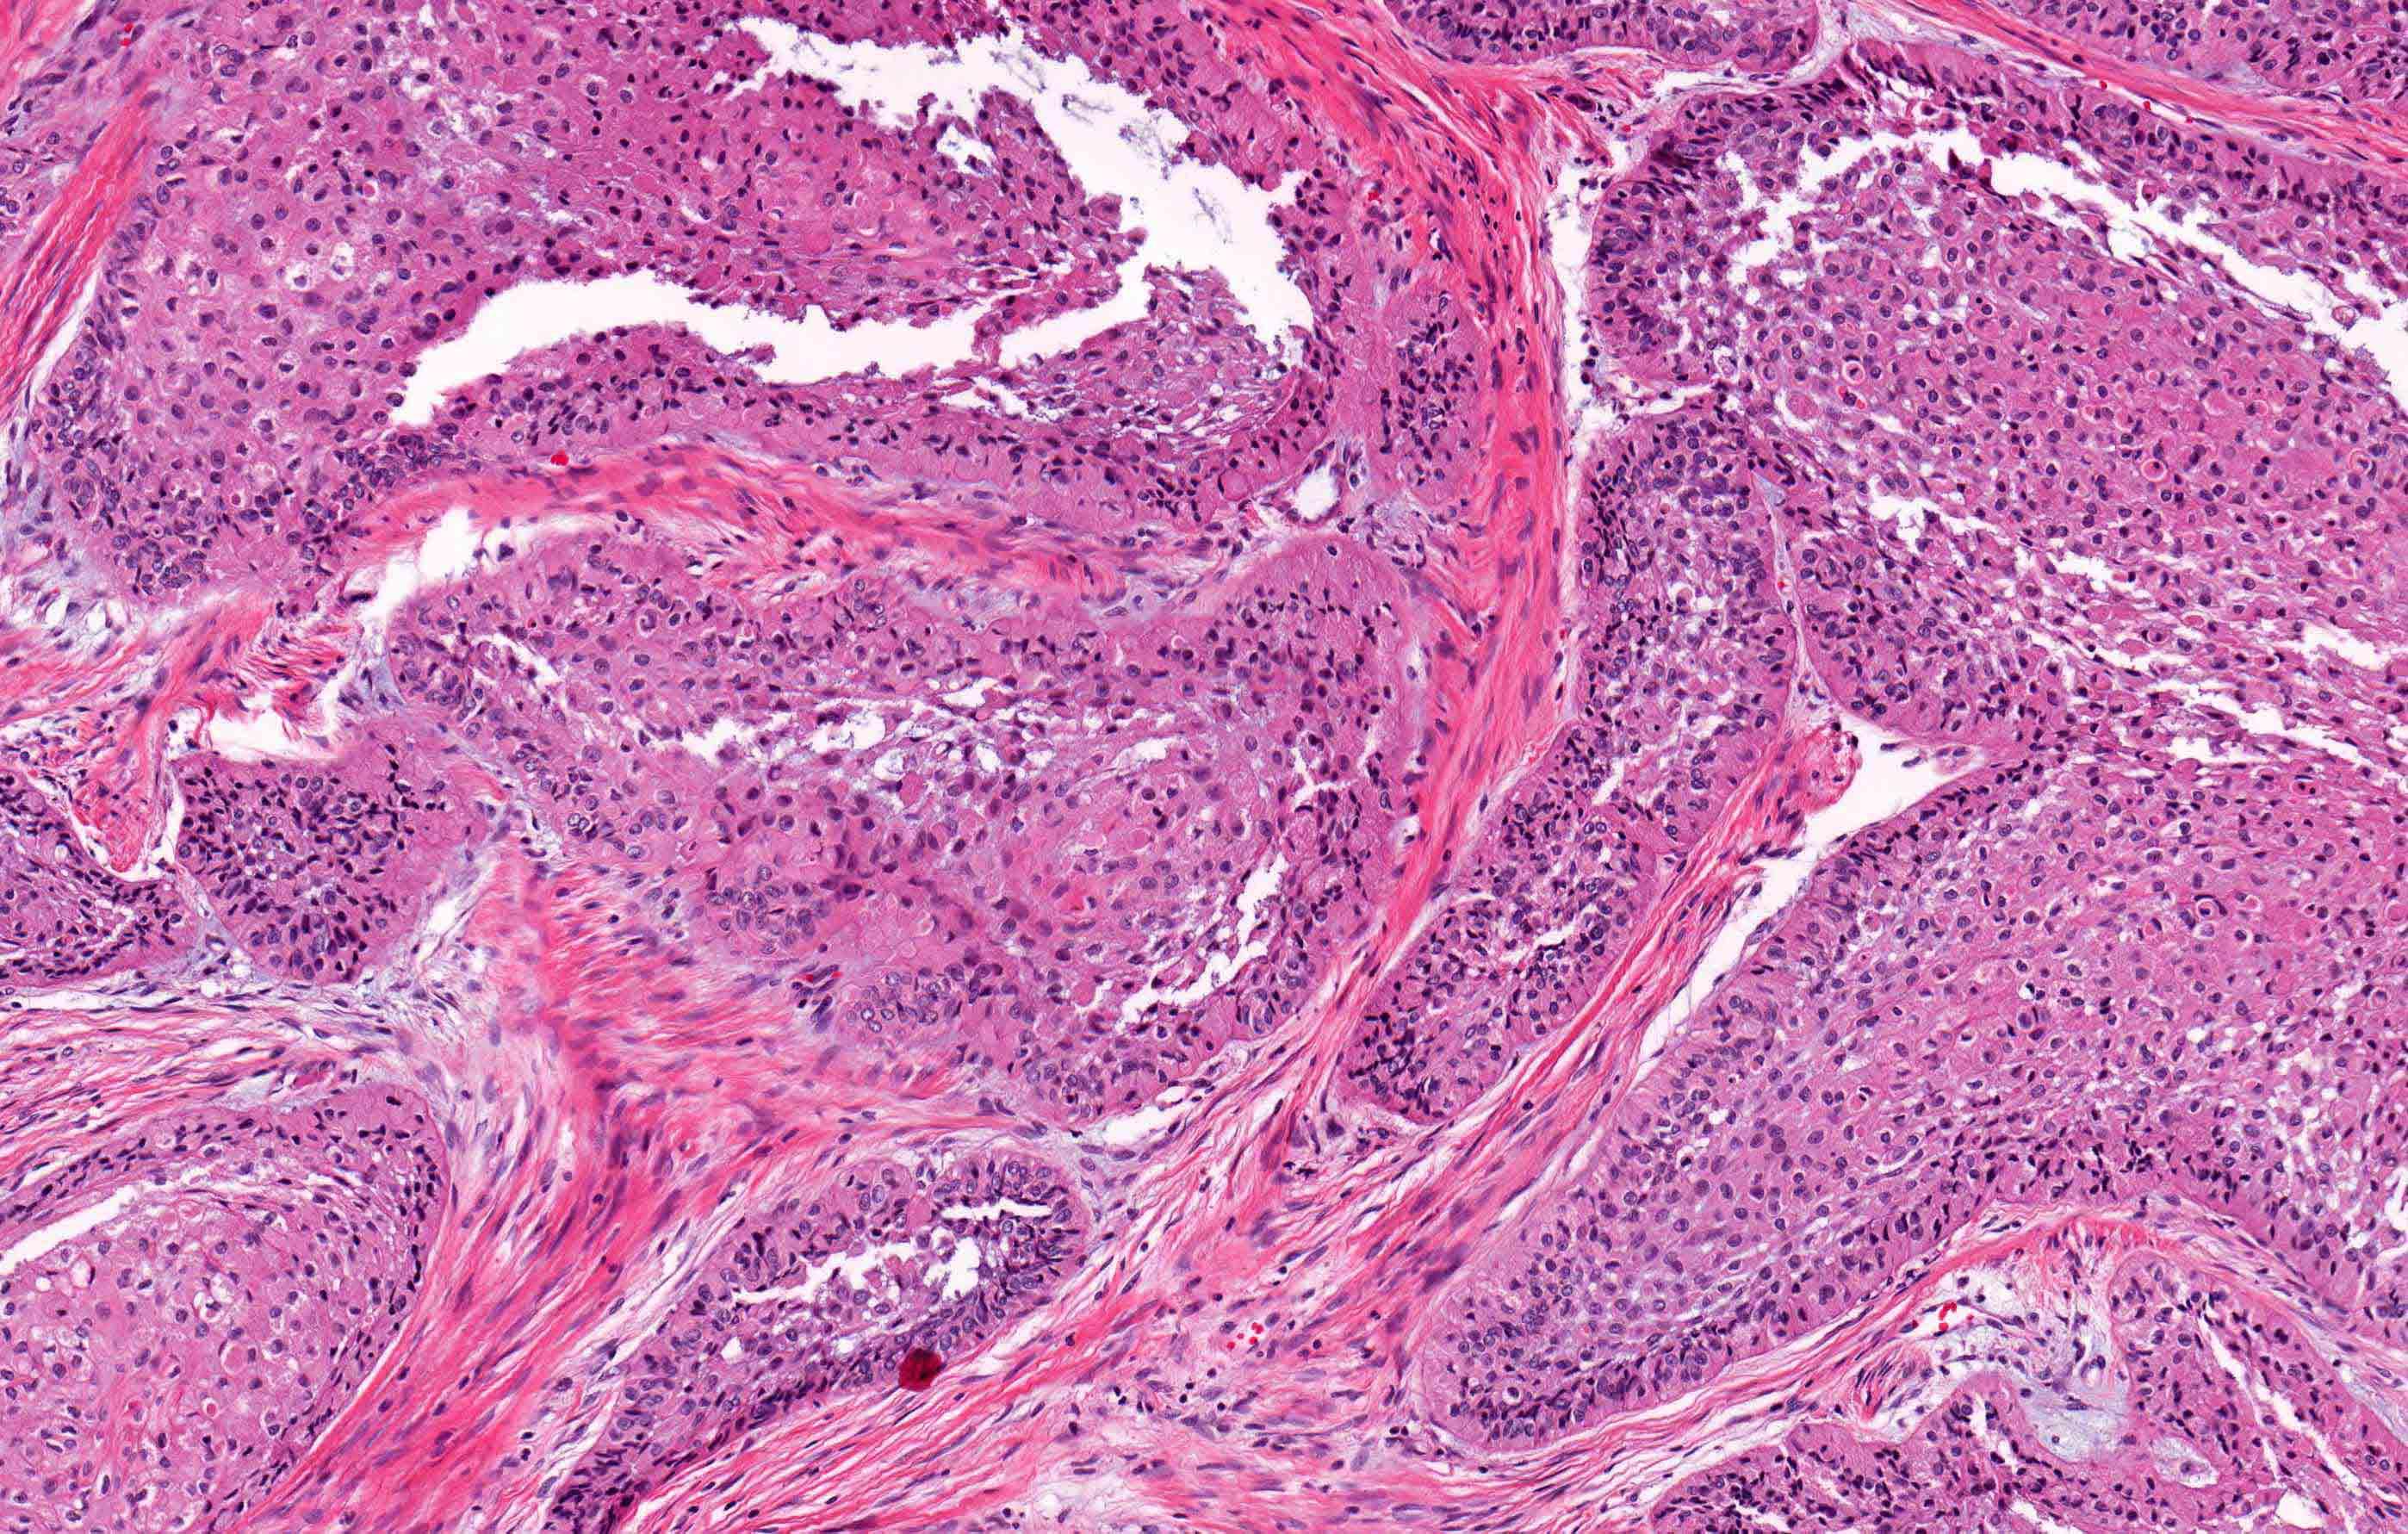 Case 1: granular cell change